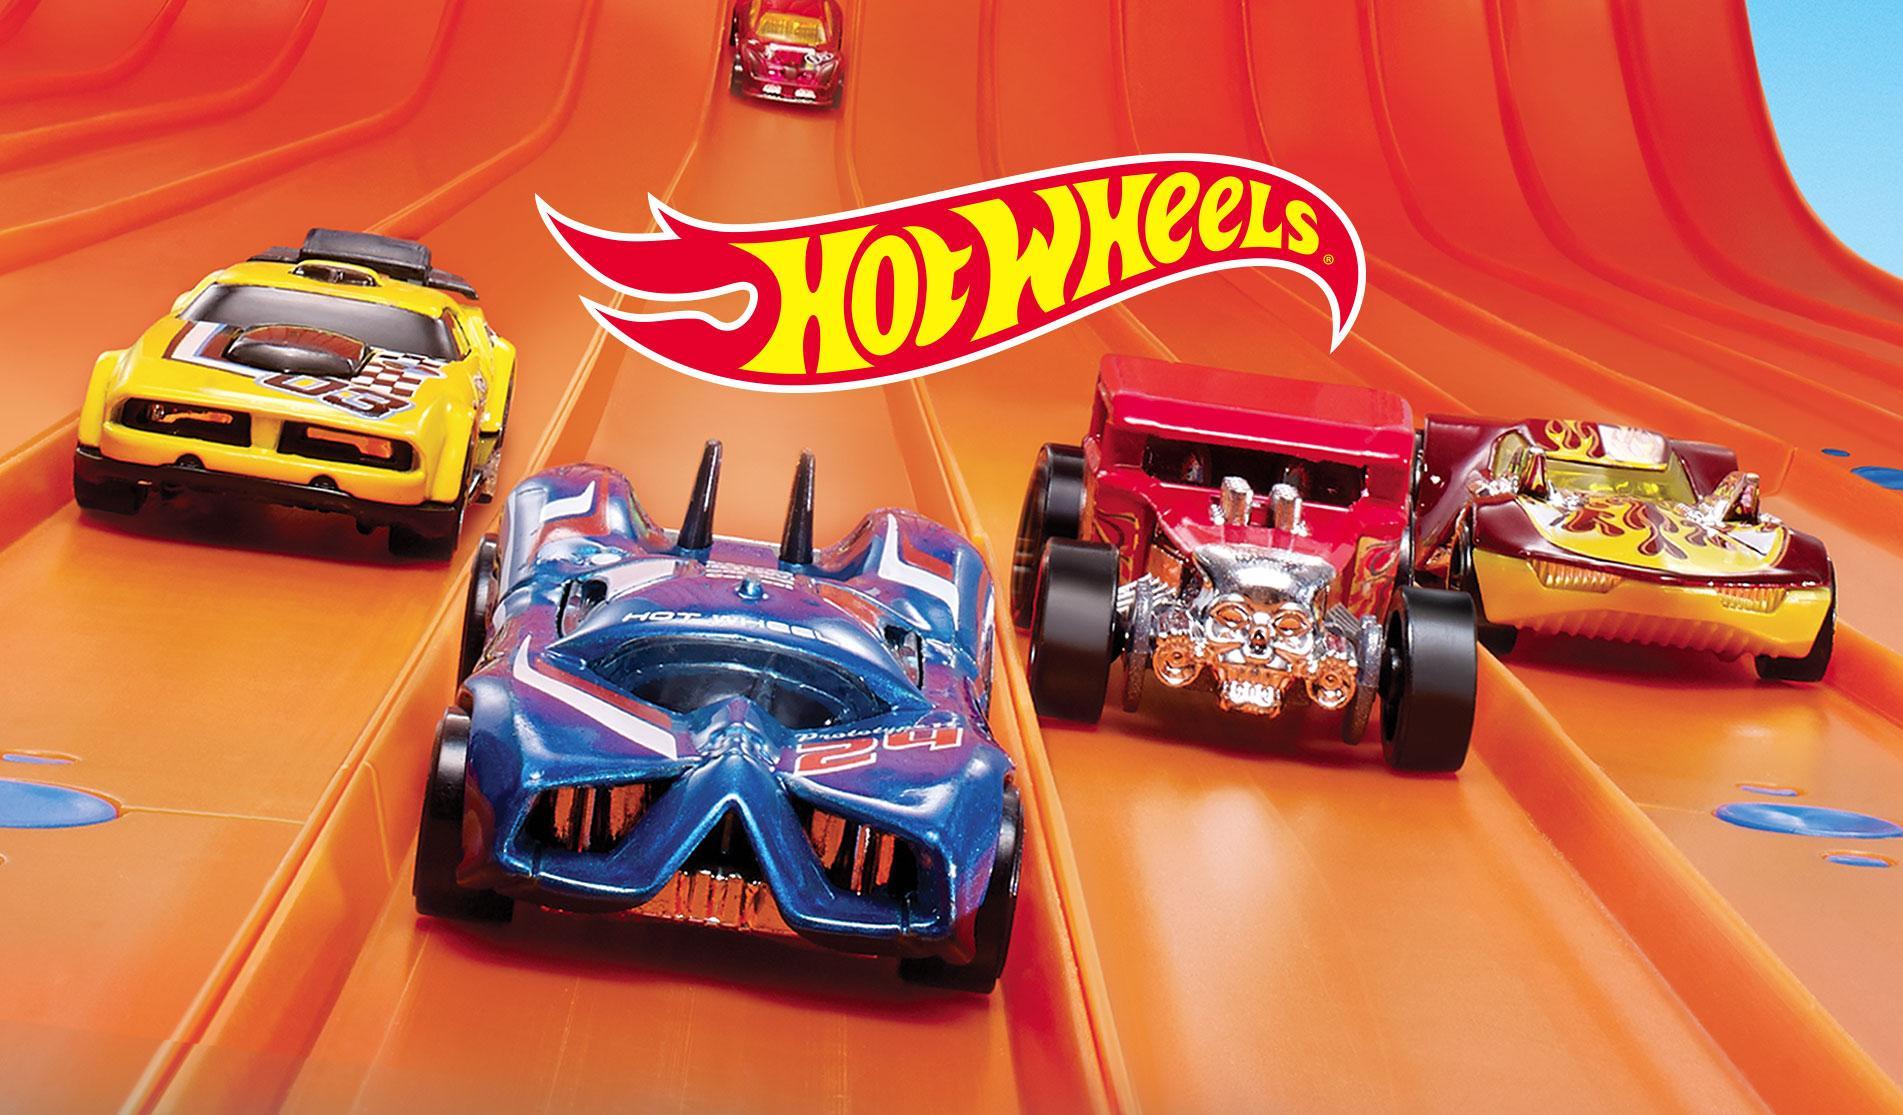 1 Voiture Hot Wheels Achetée = 1 Offerte, soit les deux